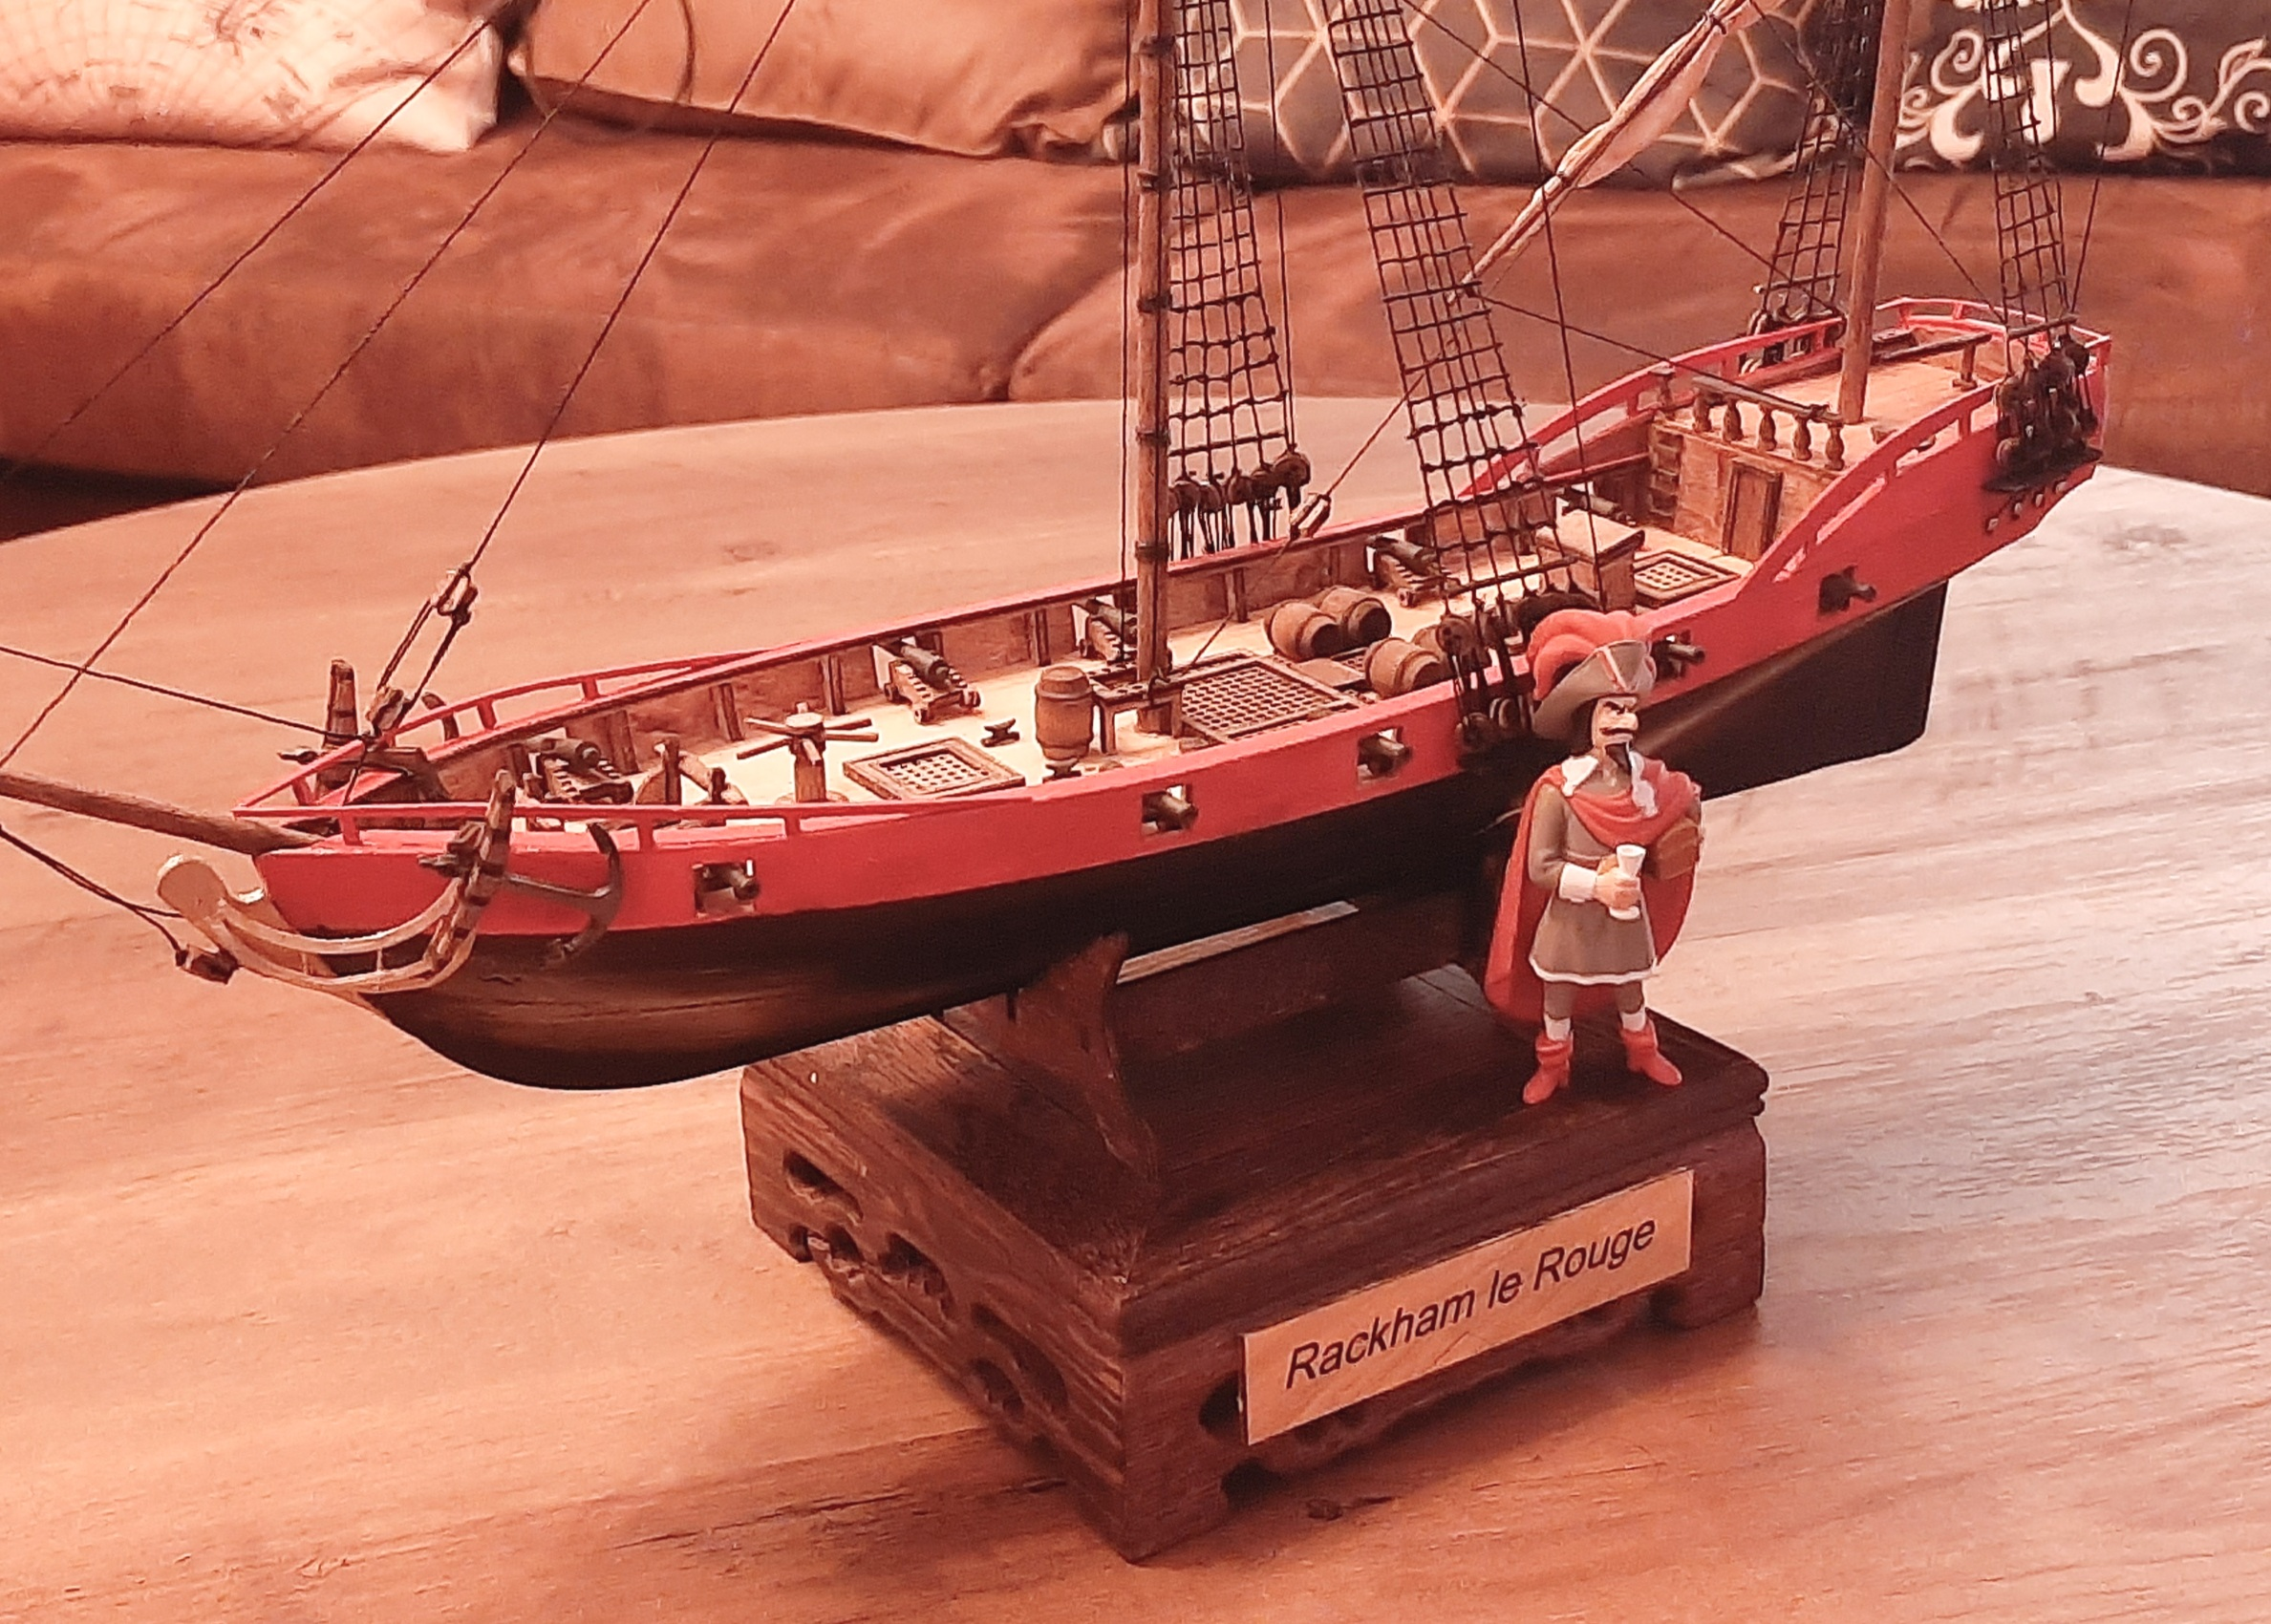 Galiote du pirate Rackham Le Rouge 1/100 (Tintin - le secret de la licorne) Mwq61